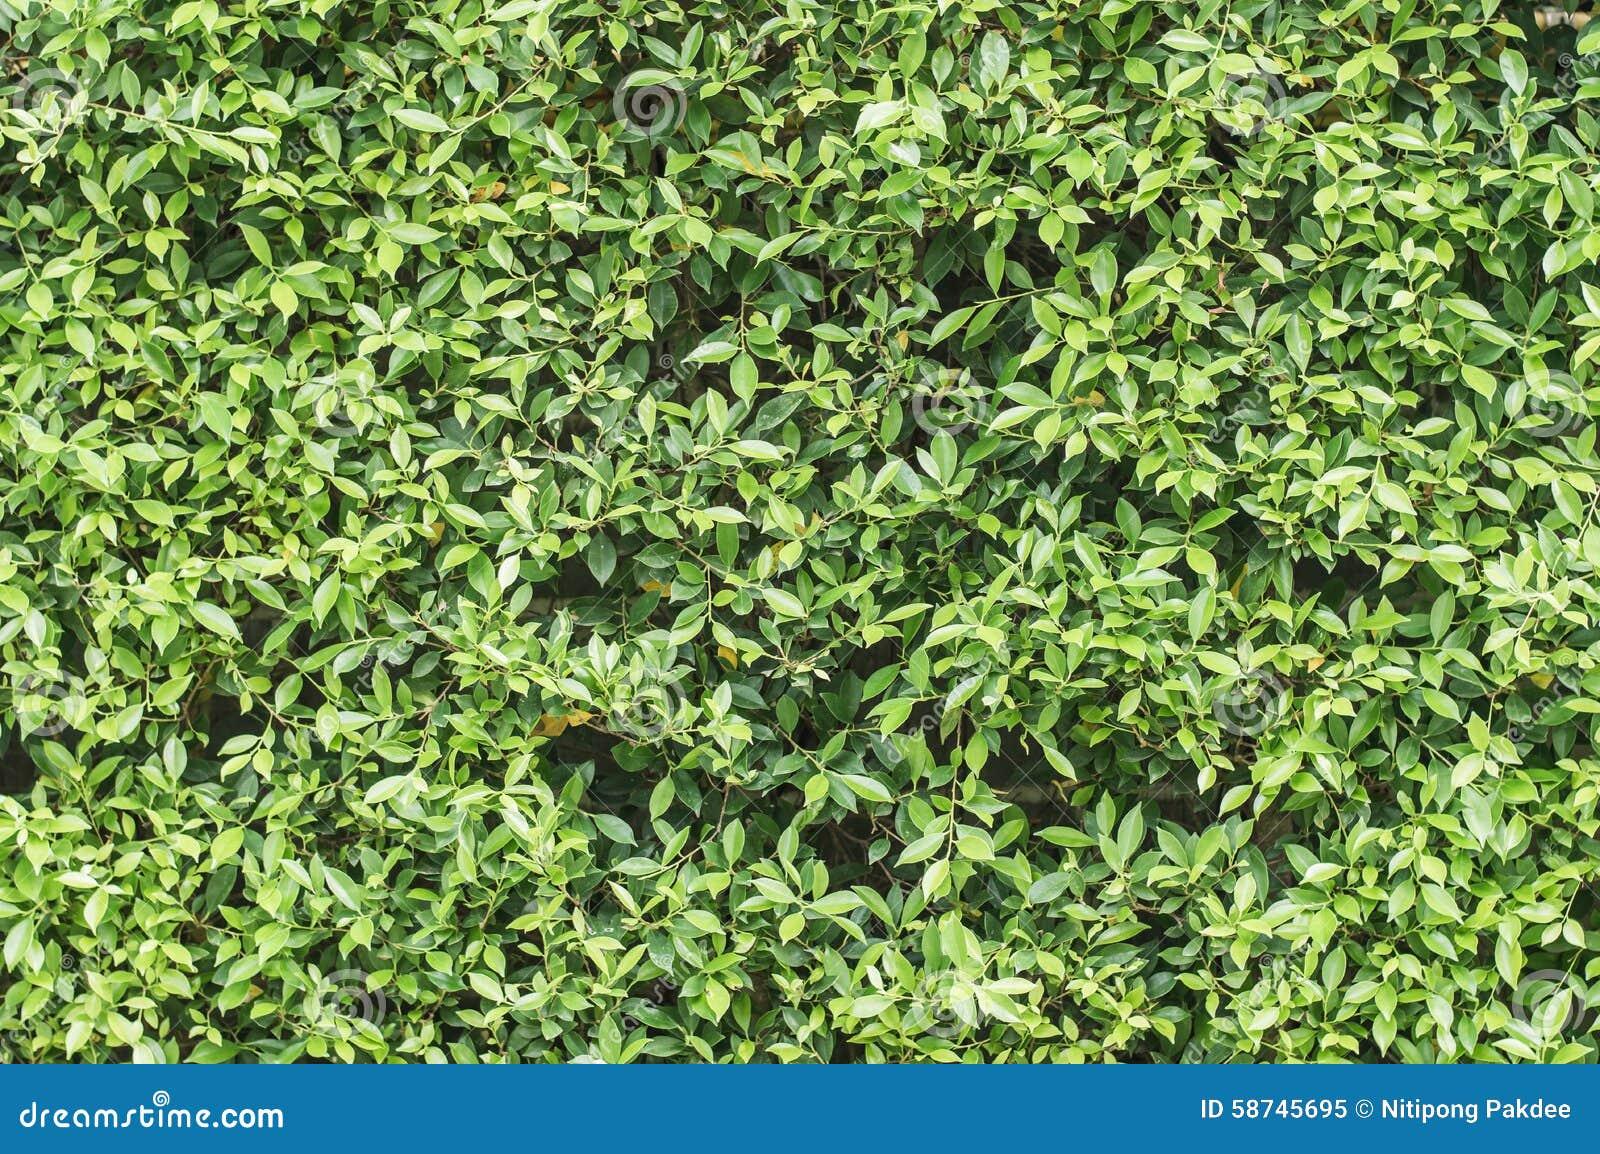 Papiers Peints Et Milieux Verts De Texture De Feuille Image Stock